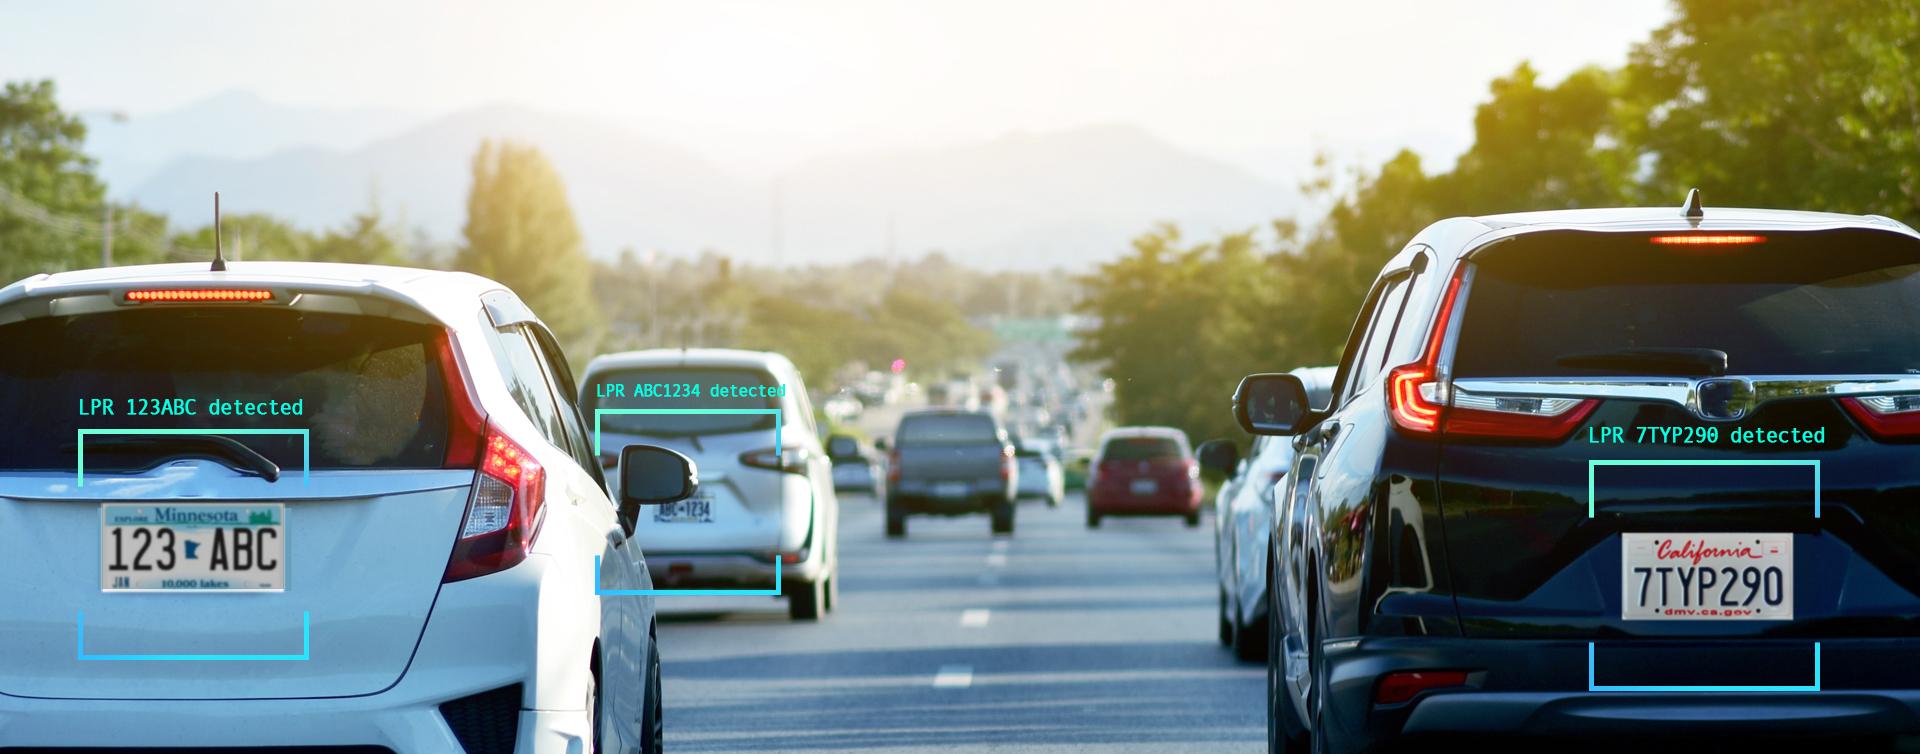 SmarterAI - License Plate Recognition